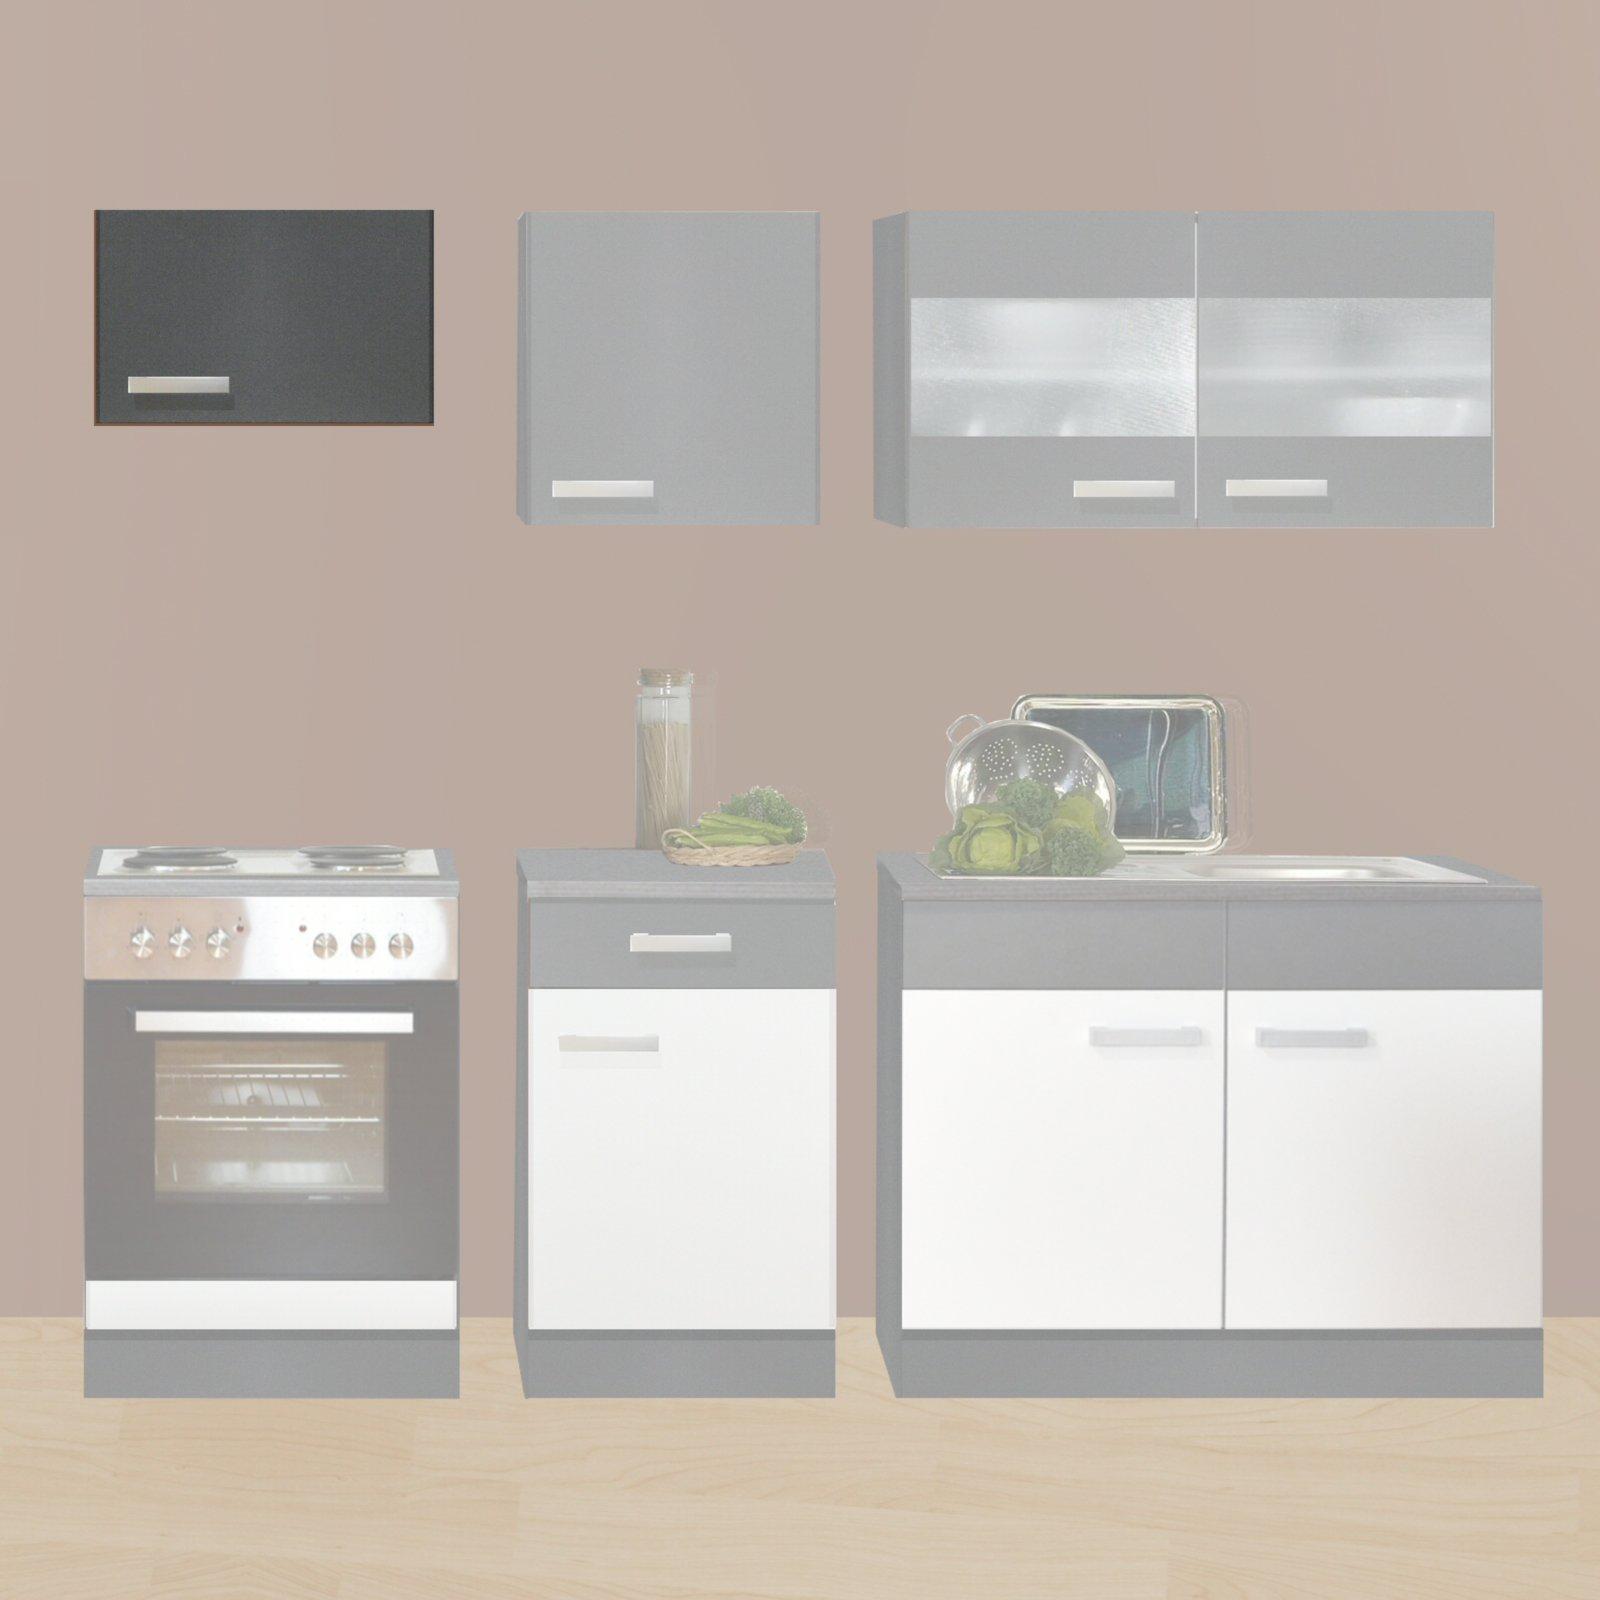 Wrasenhanger greta graphit 60x37 cm kuche greta for Einzelschr nke küche